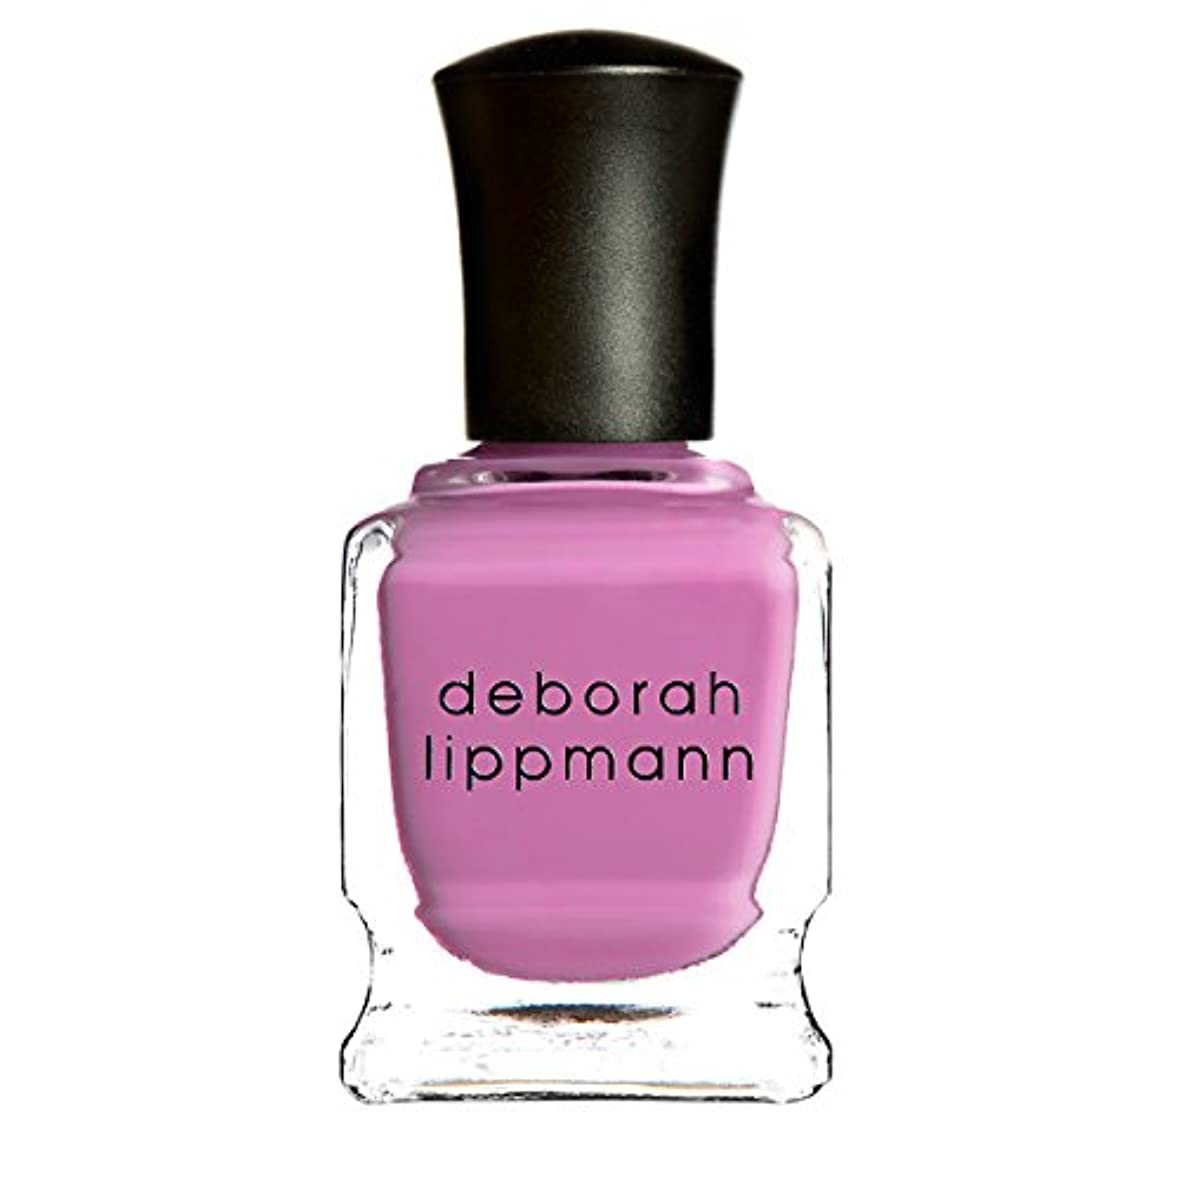 抵当受け入れたインチ[Deborah Lippmann] デボラリップマン ミニ ポリッシュ ネイルポリッシュ ピンク系 「シーバップ 」 8 ml 【デボラリップマン】 SHE BOP【deborah lippmann】